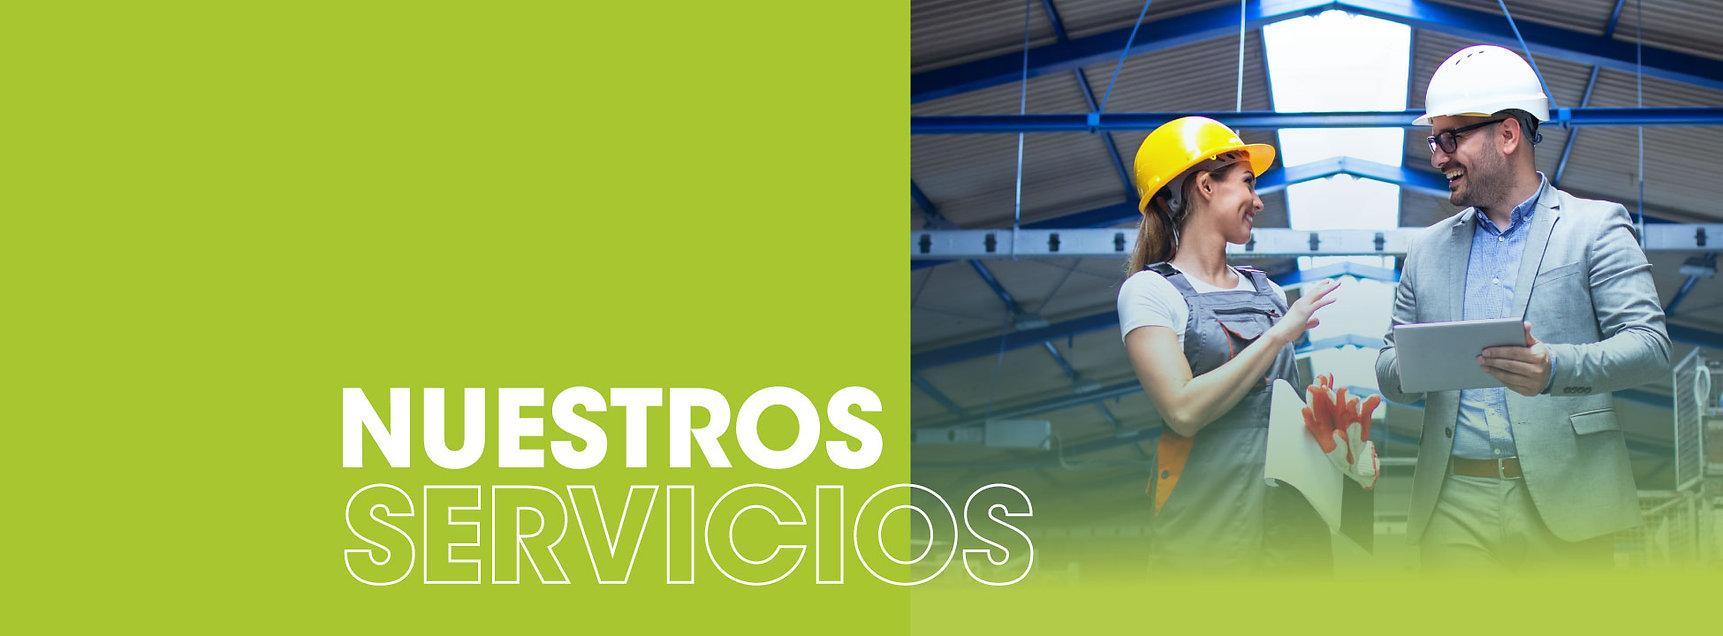 NUESTROS-SERVICIOS.jpg